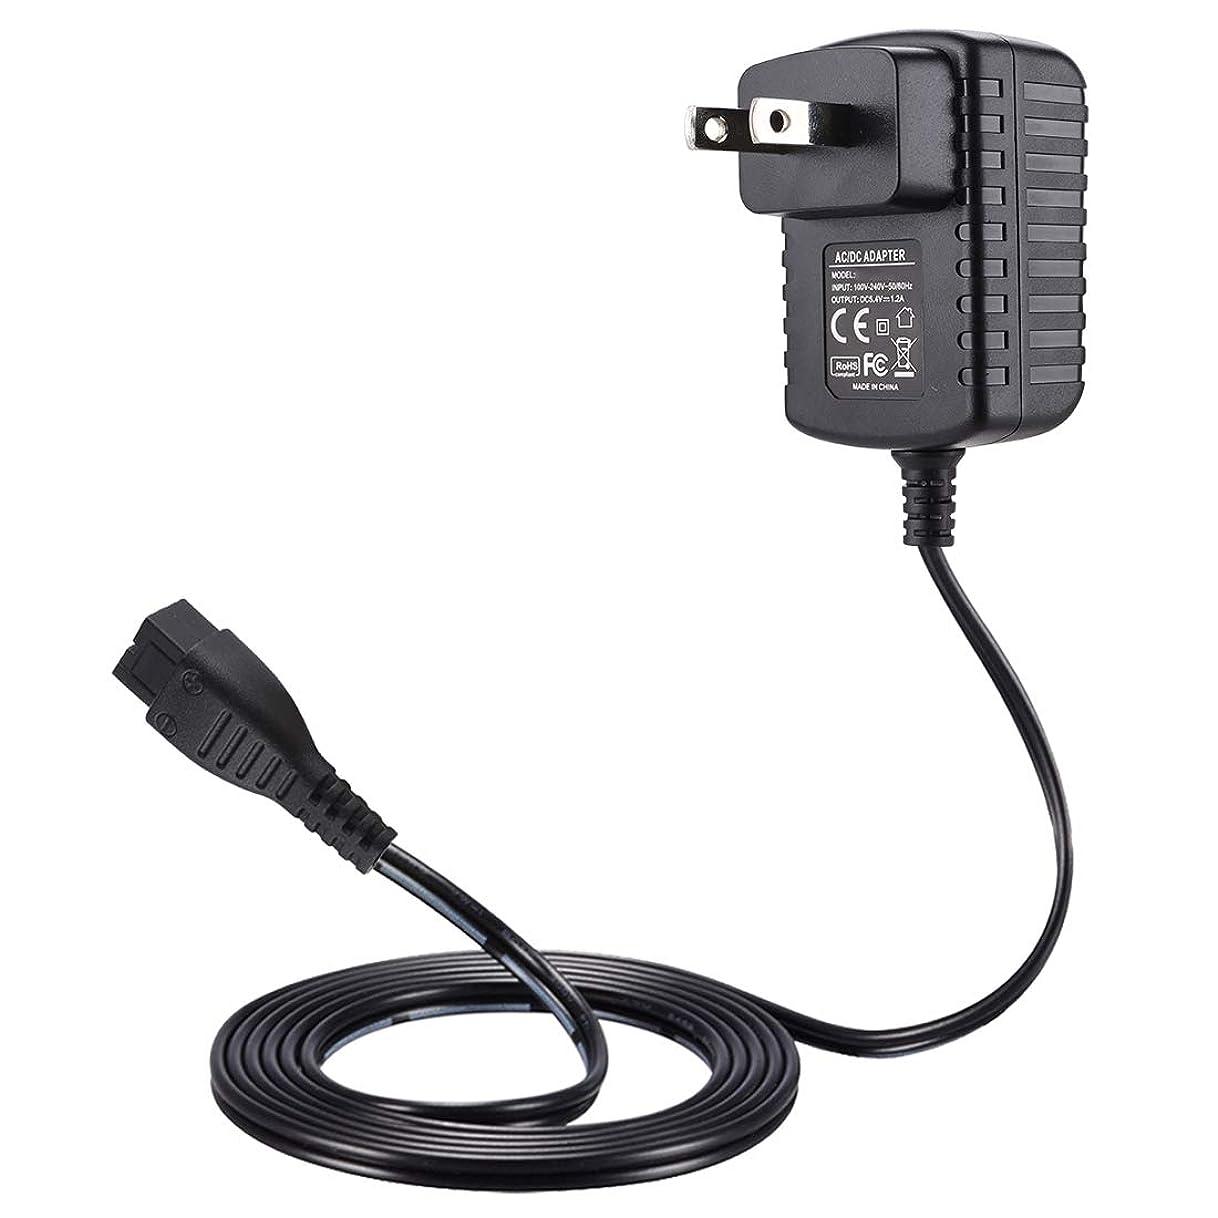 マディソンラインナップ下るPunasi パナソニック シェーバー対応 5.4V 1.2A Panasonic対応 ACアダプター DCアダプター 5.4V電源アダプター交換用充電器 ES7000 ES8000 シリーズ ES8232 ES8237 ES8238 ES8251 ES8258シェーバーなど